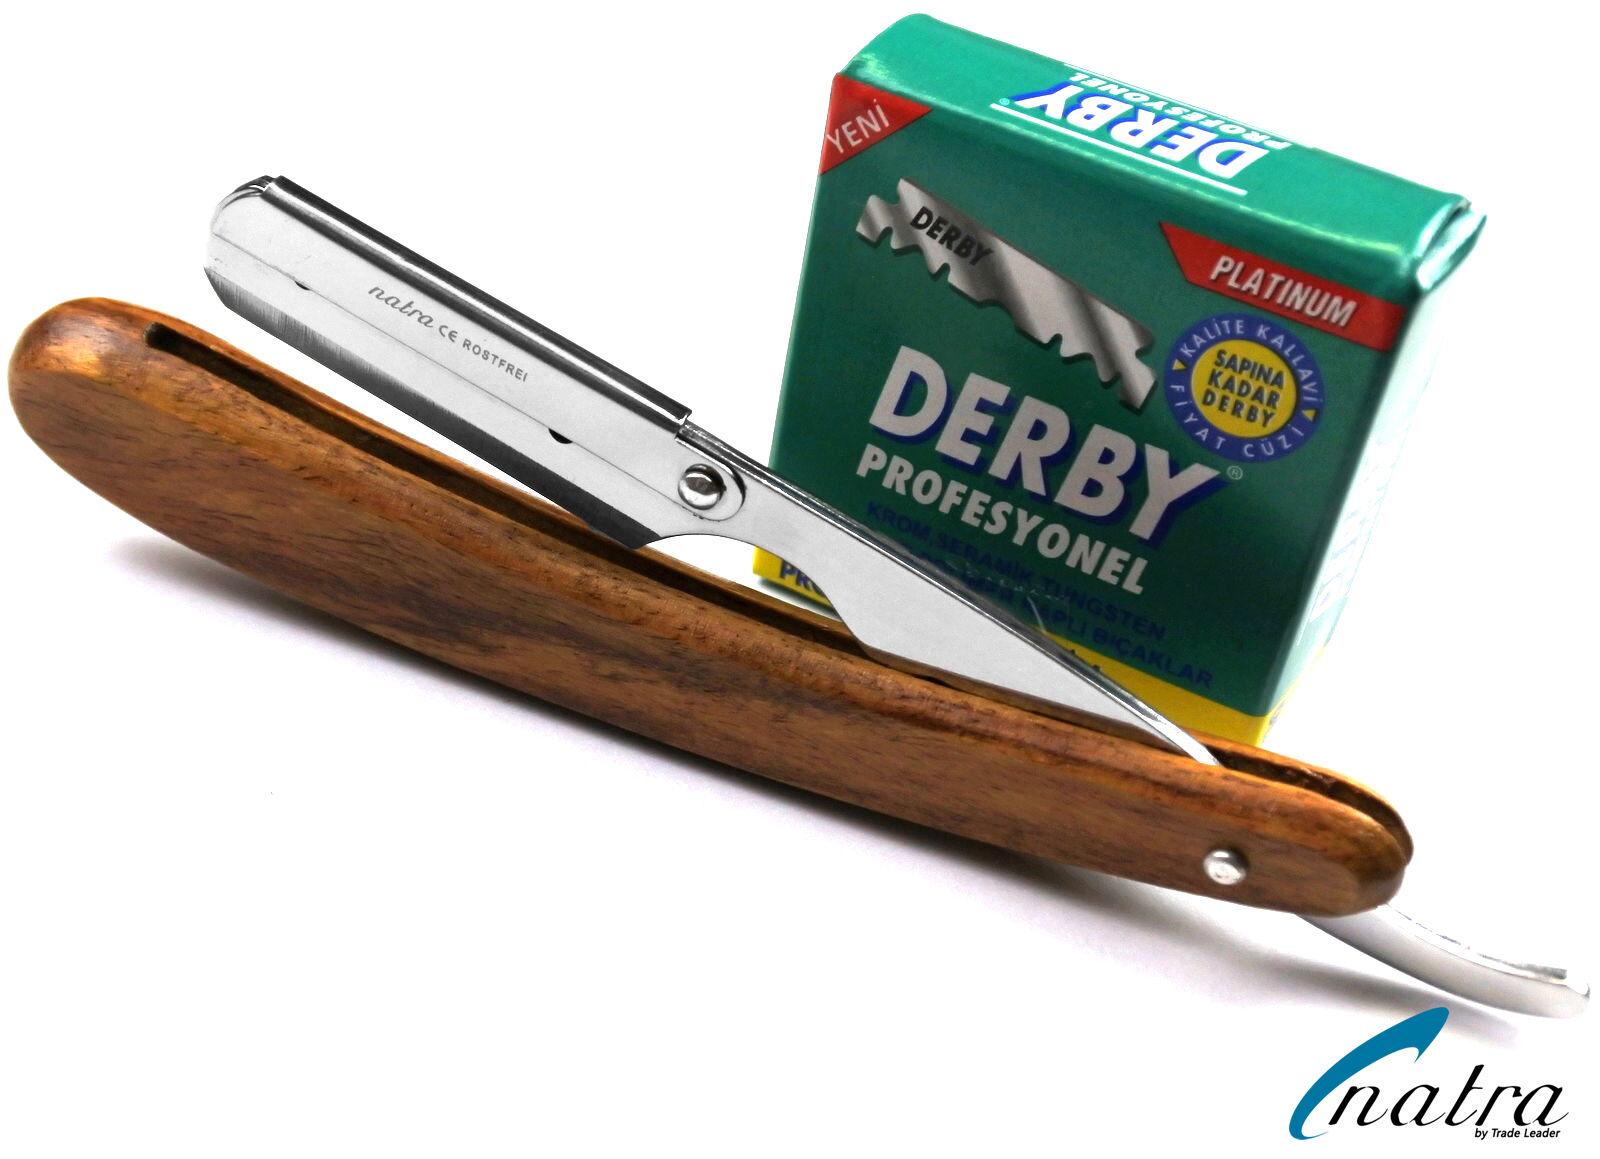 NATRA Holz Rasiermesser 100 DERBY Rasierklingen Rasierer Rasur Razor